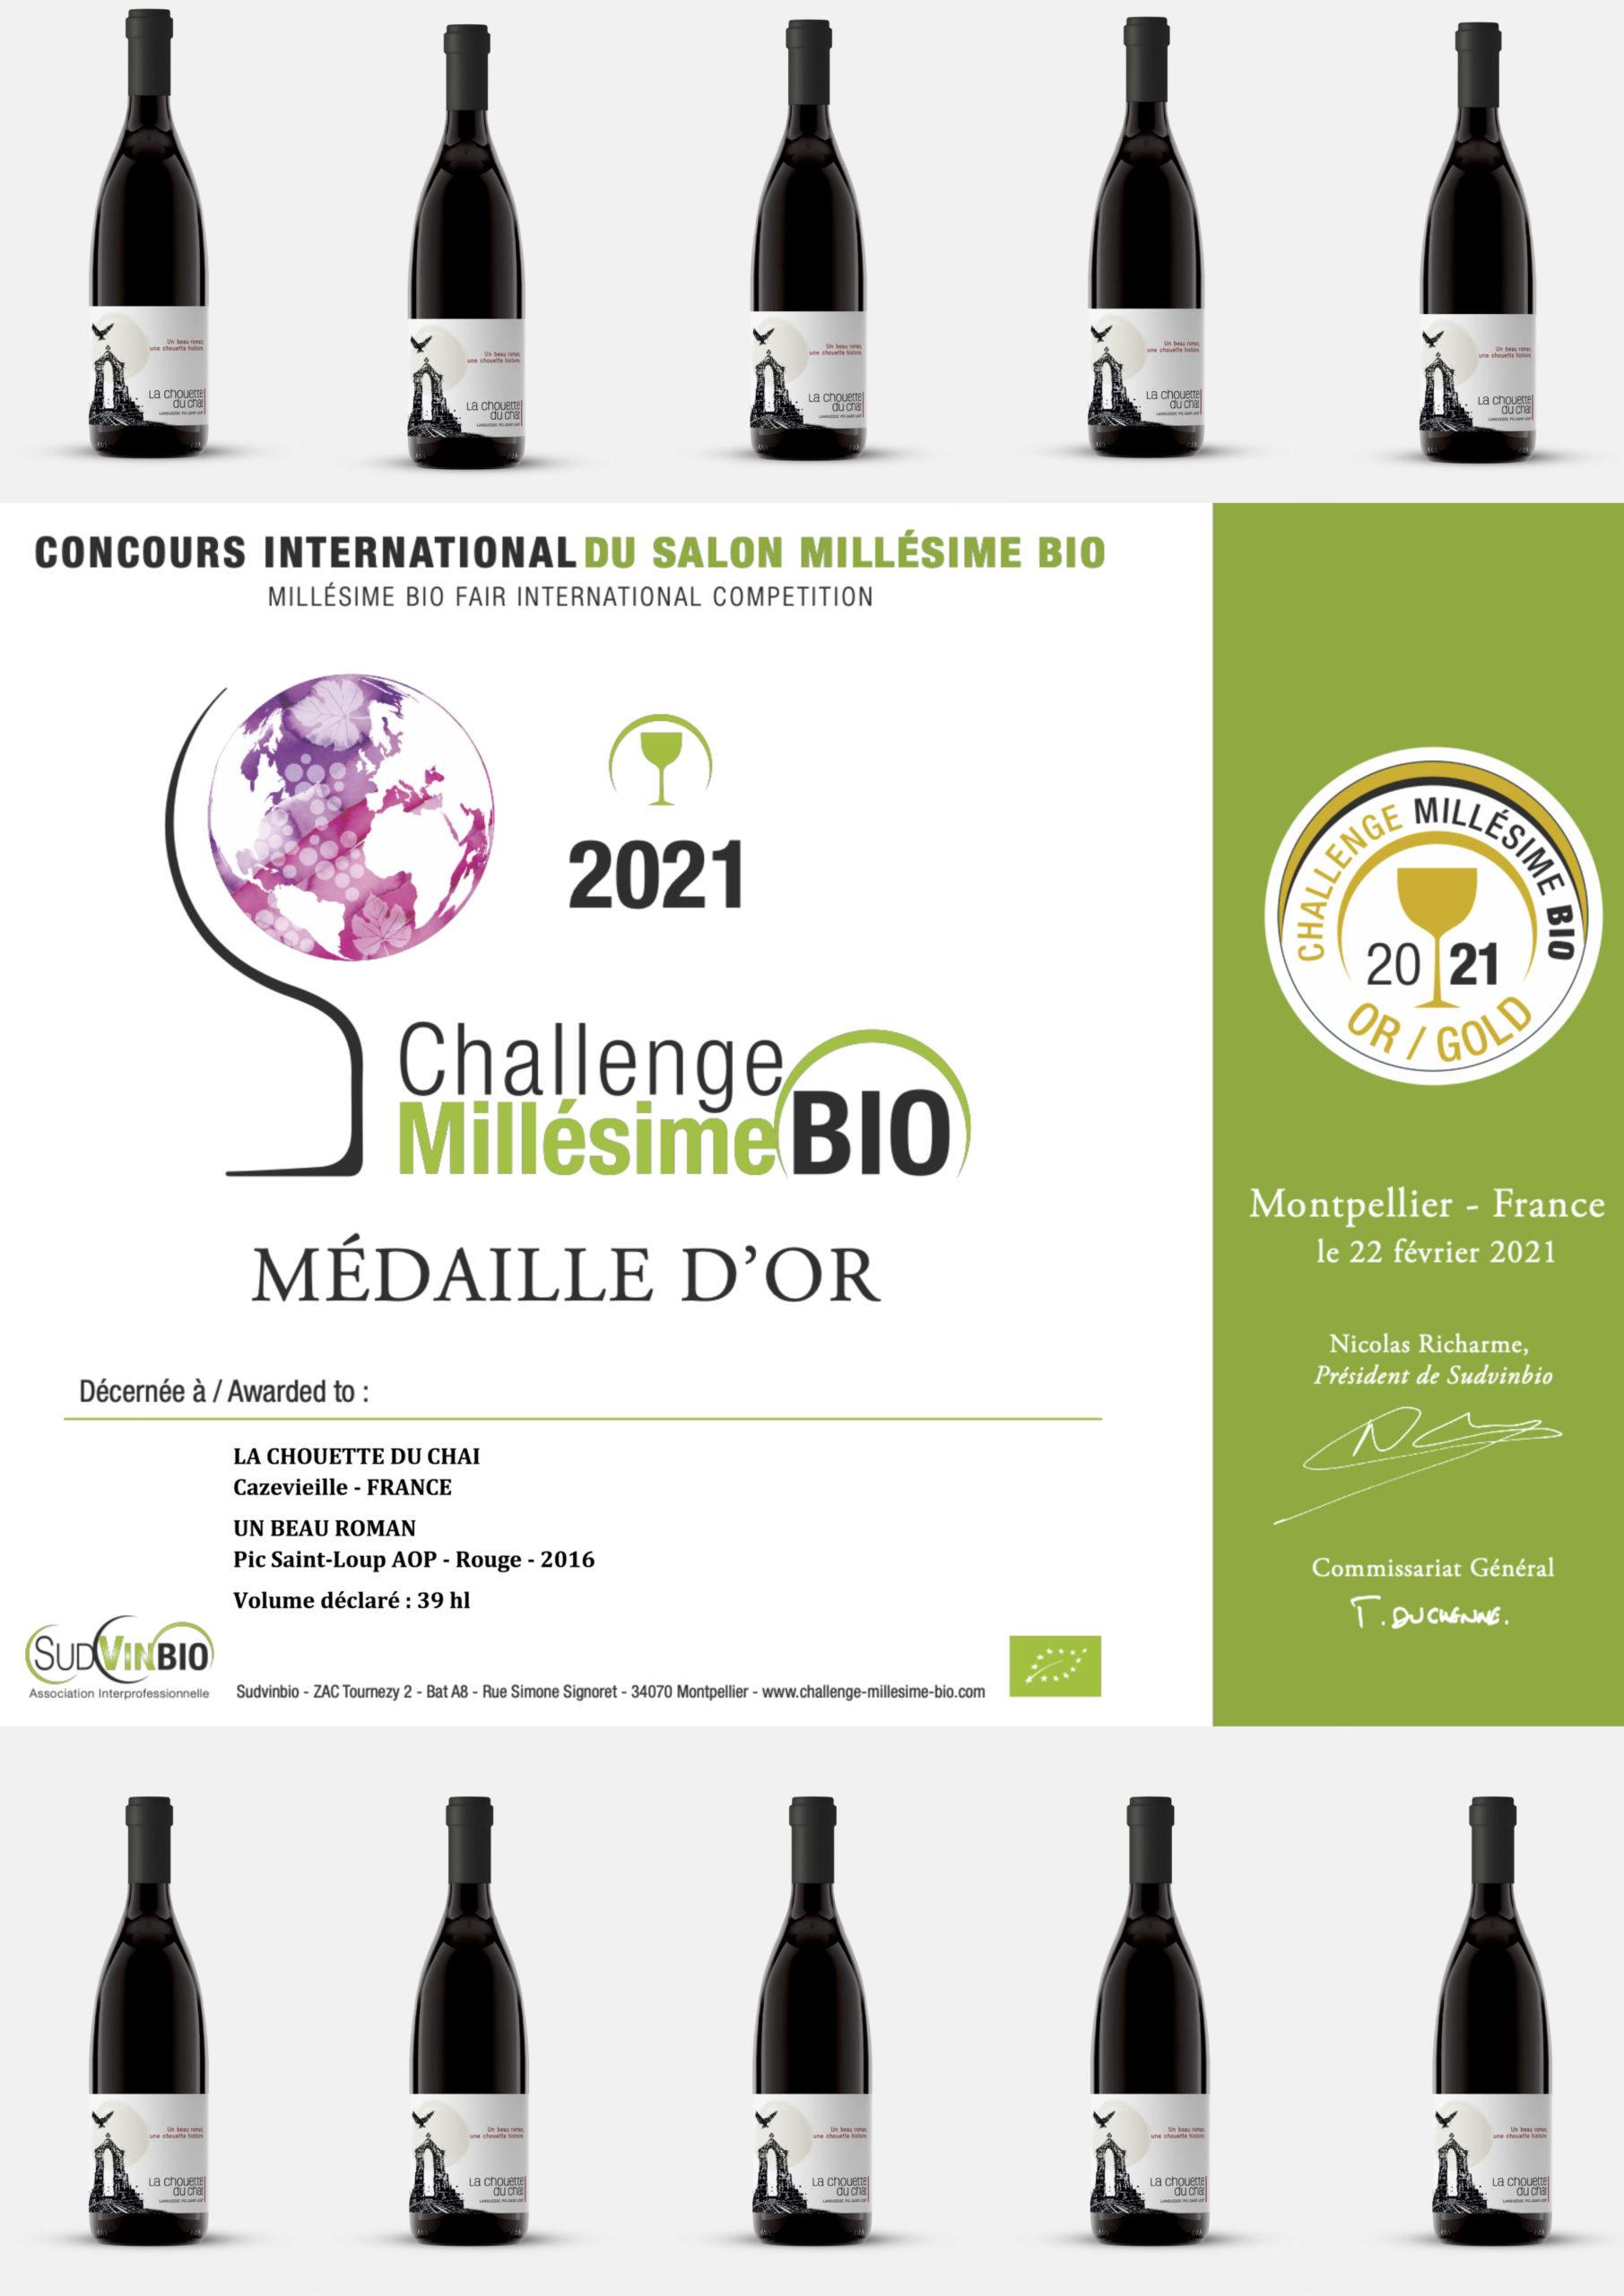 La Chouette reçoit une médaille d'or au challenge Millésime Bio